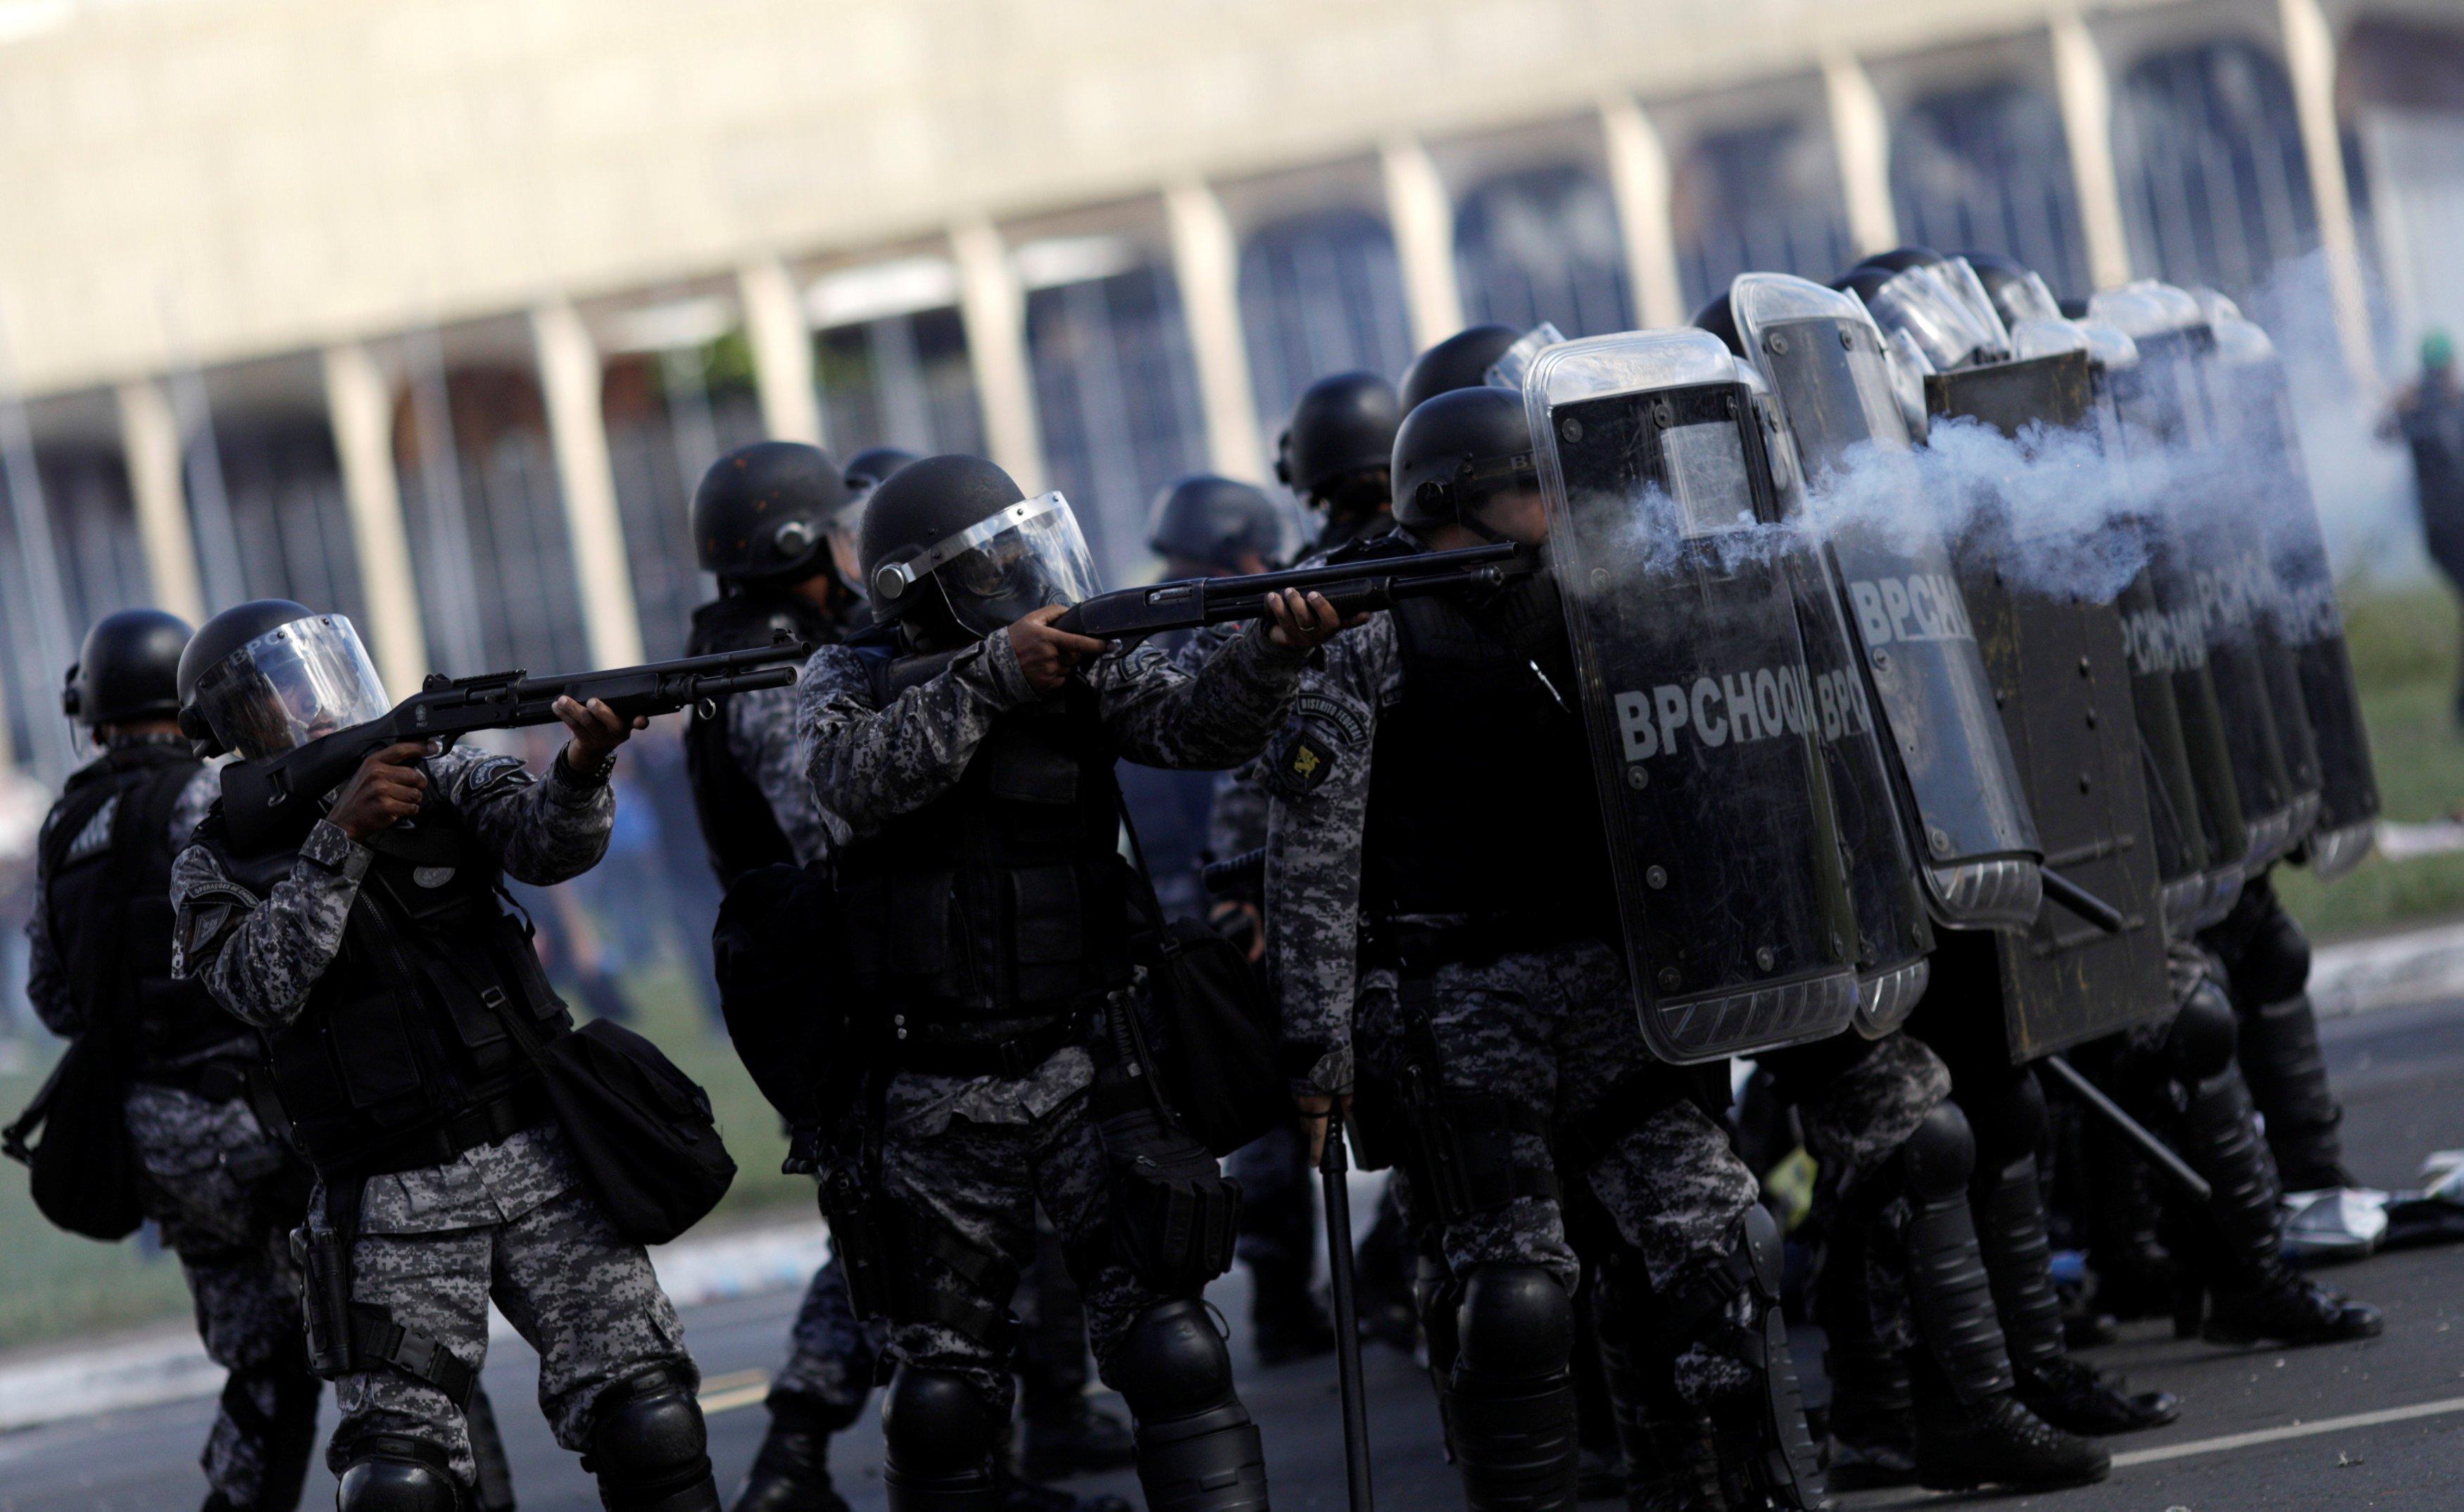 Protesto em Brasília contra o presidente Michel Temer e a favor das Diretas Já gera confusão